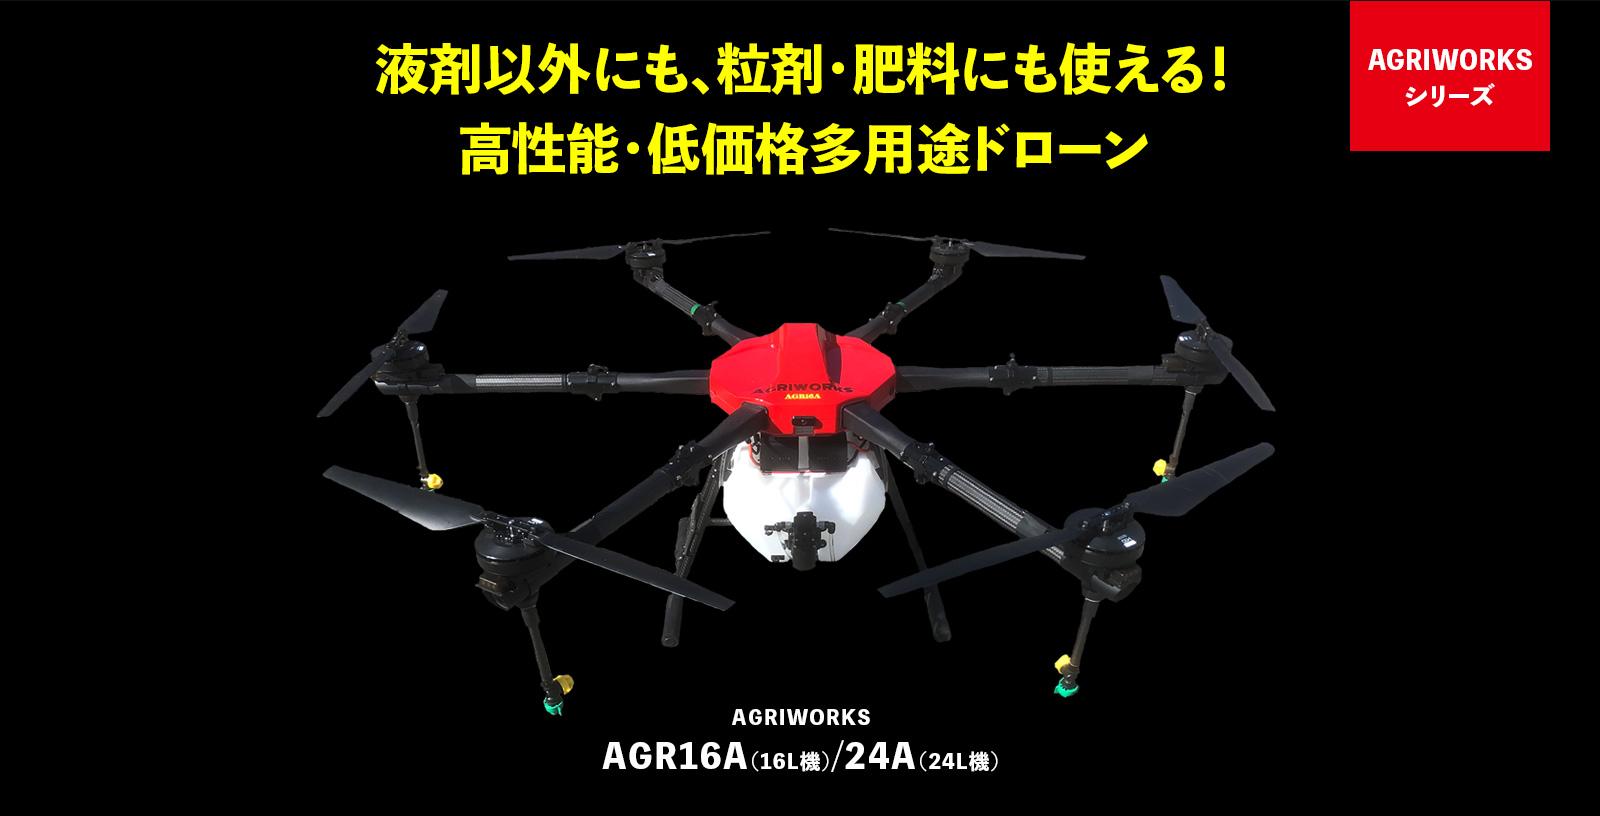 AGRIWORKS AGR16A(16L機)/24A(24L機)